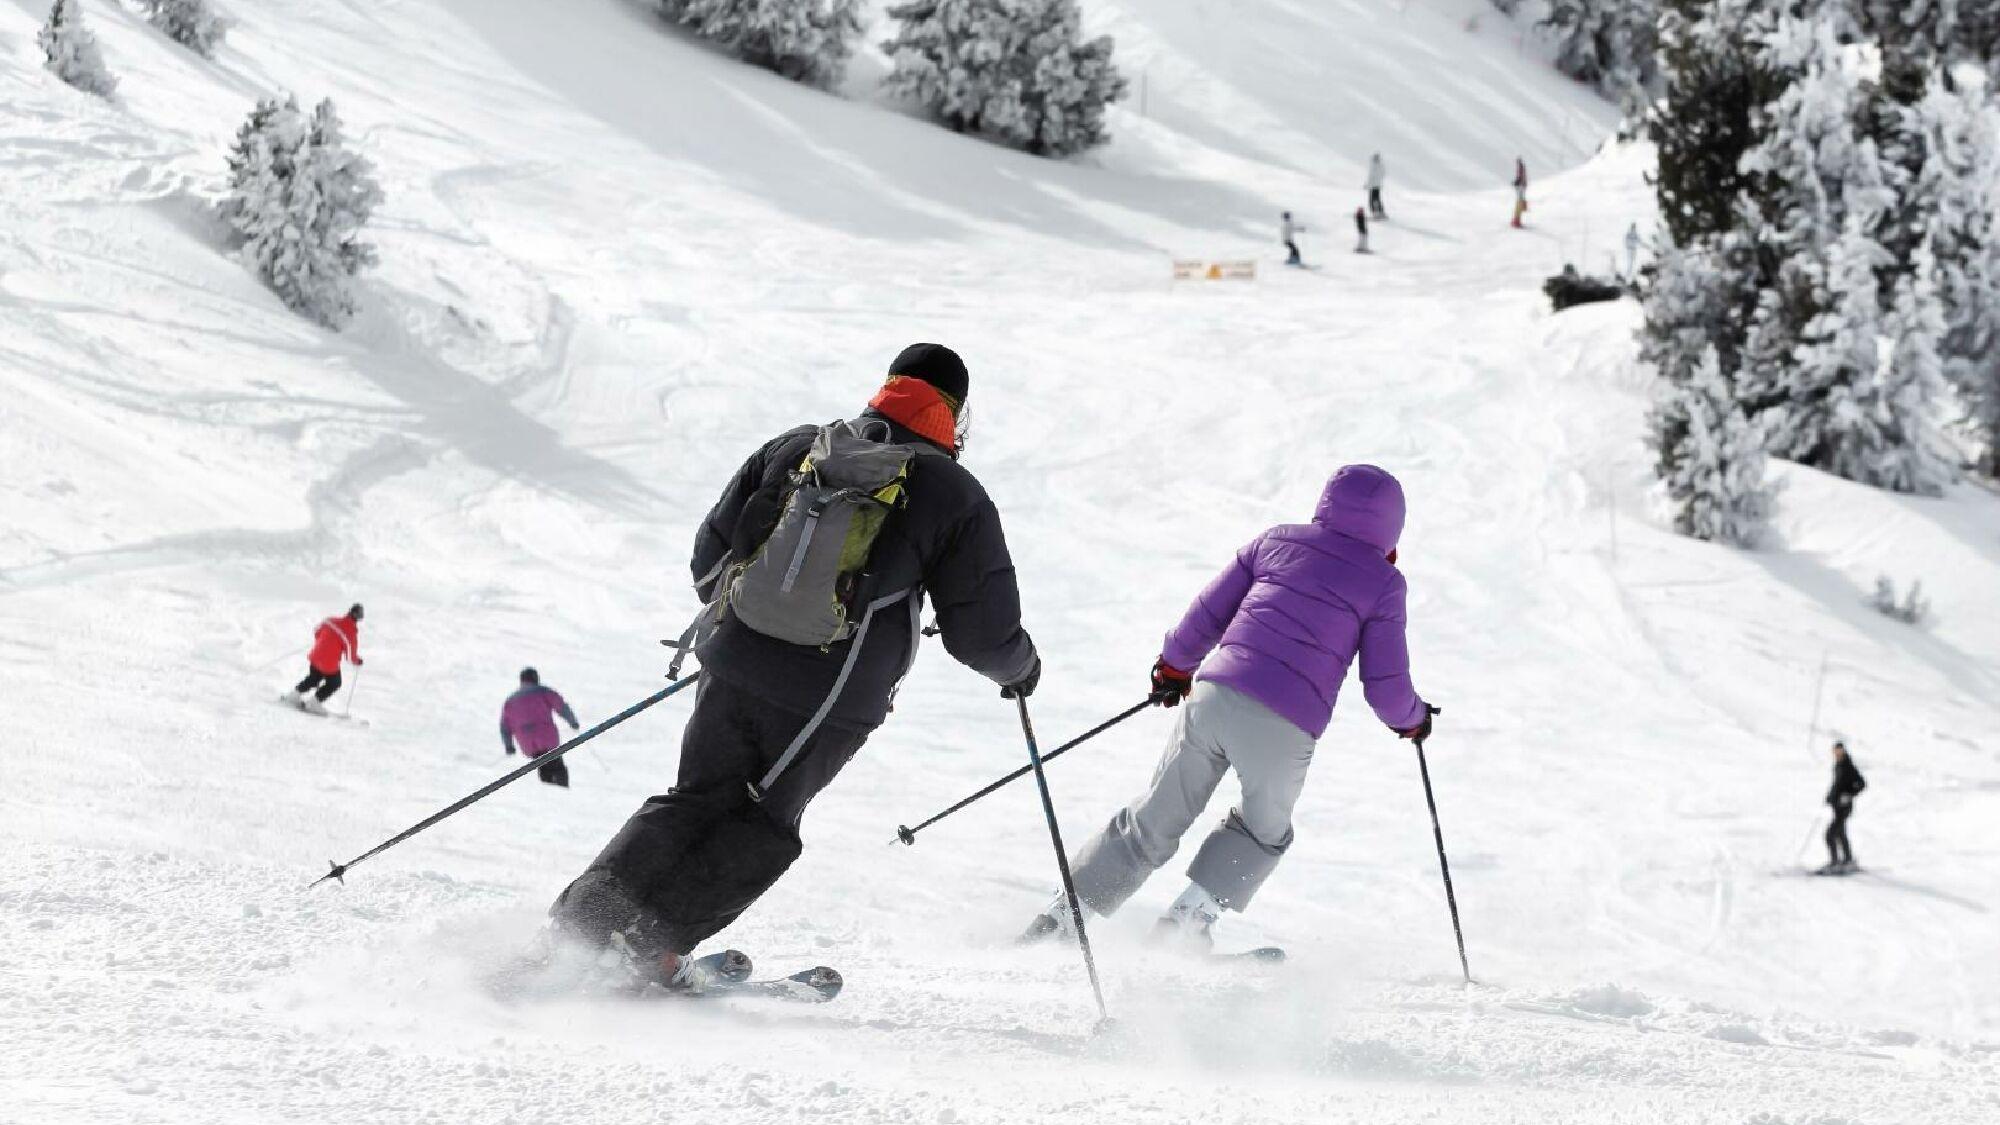 Skifahren lernen geht schnell: Schon nach kurzer Zeit können Anfänger ihre erste Piste meistern